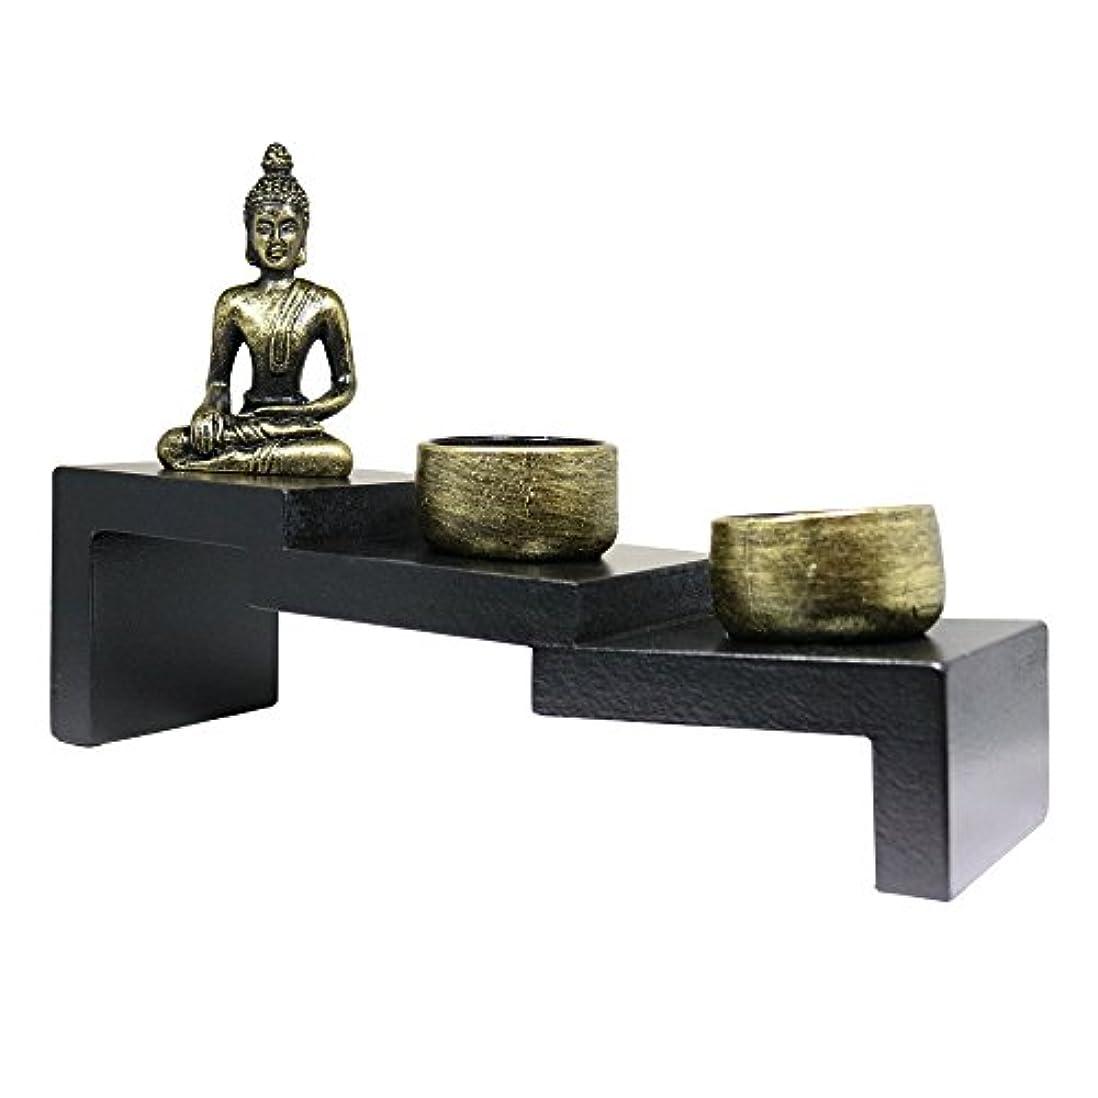 輝度虐殺三(Buddha Stairs) - Tabletop Incense Burner Gifts & Decor Zen Garden Kit with Statue Candle Holder USA SELLER (Buddha...